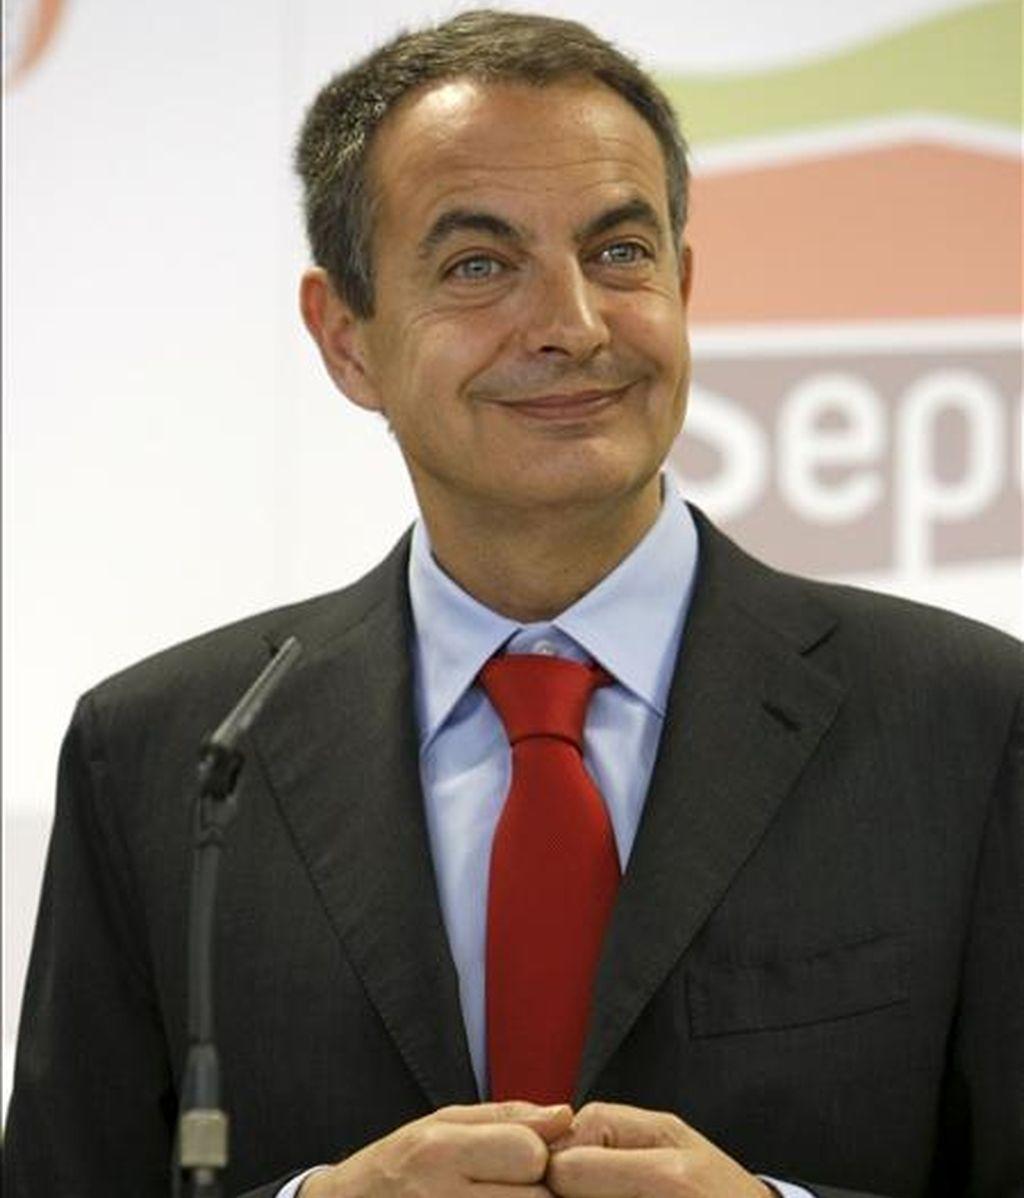 El presidente del Gobierno, José Luis Rodríguez Zapatero, durante la conferencia de prensa que ofreció hoy antes de visitar la sede de la Entidad Pública Empresarial de Suelo (SEPES), con motivo de su 50 aniversario. EFE